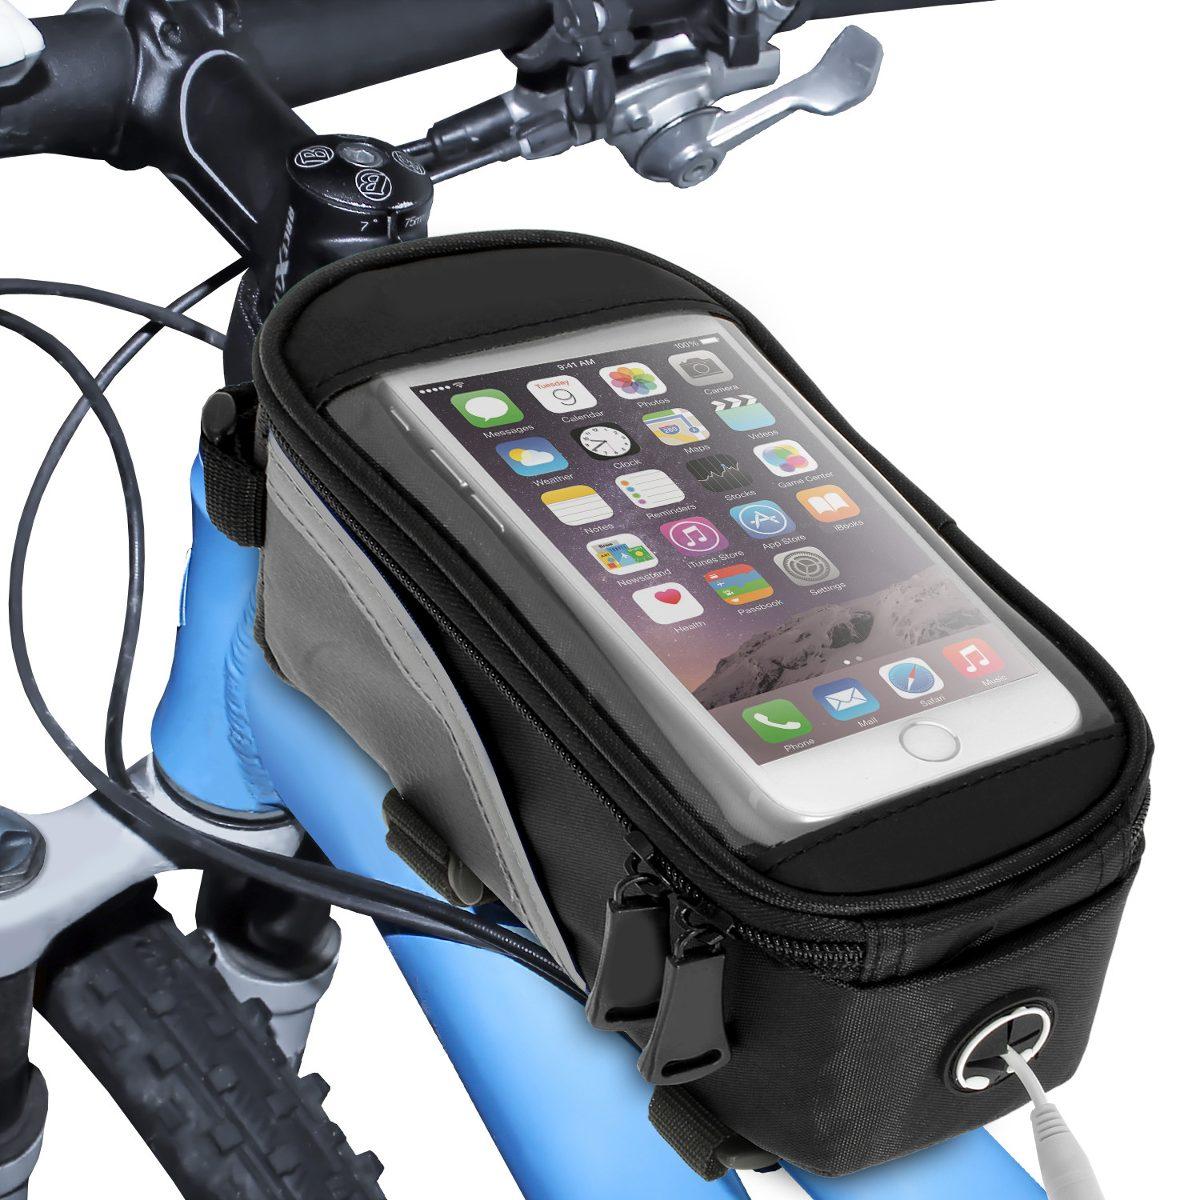 Venta de liquidación disfruta del mejor precio hombre Accesorios Bicicletas Soporte Celular Smartphone Lleva Facil